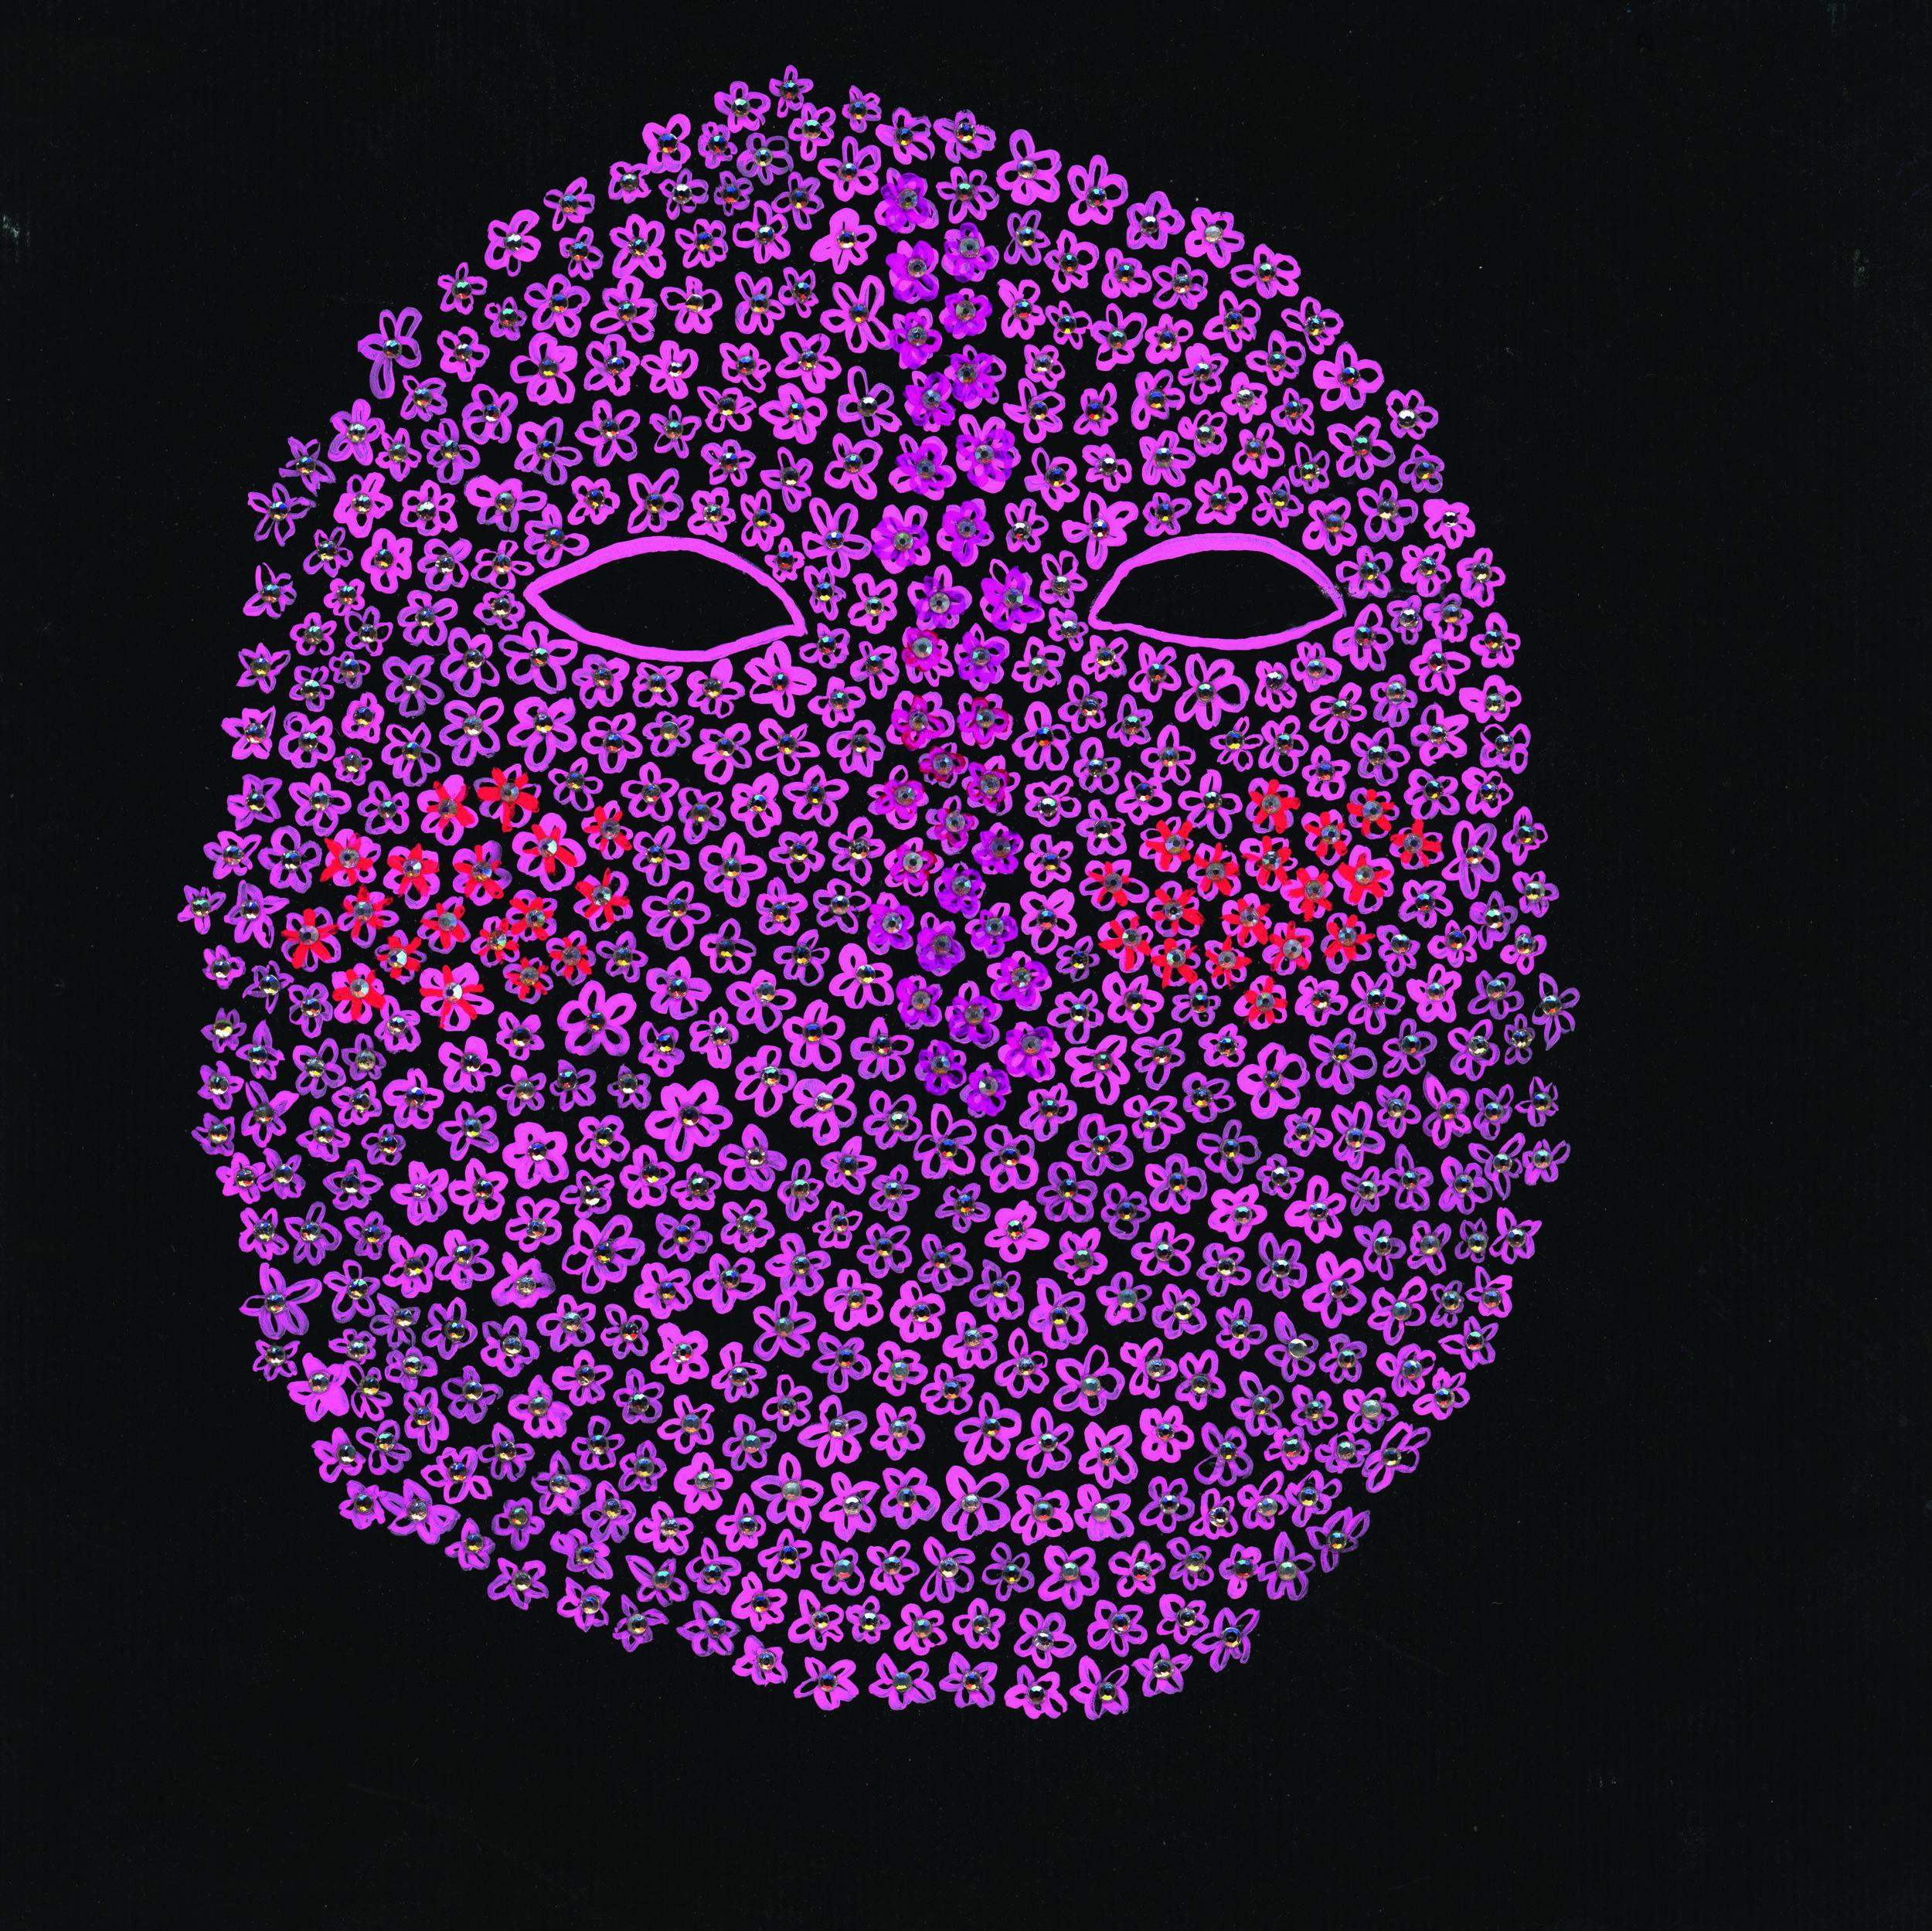 """Jasmine Zelaya,  Ishihara Mask , 2016 Gouache and Rhinestones on Watercolor paper, 8"""" x 8"""""""